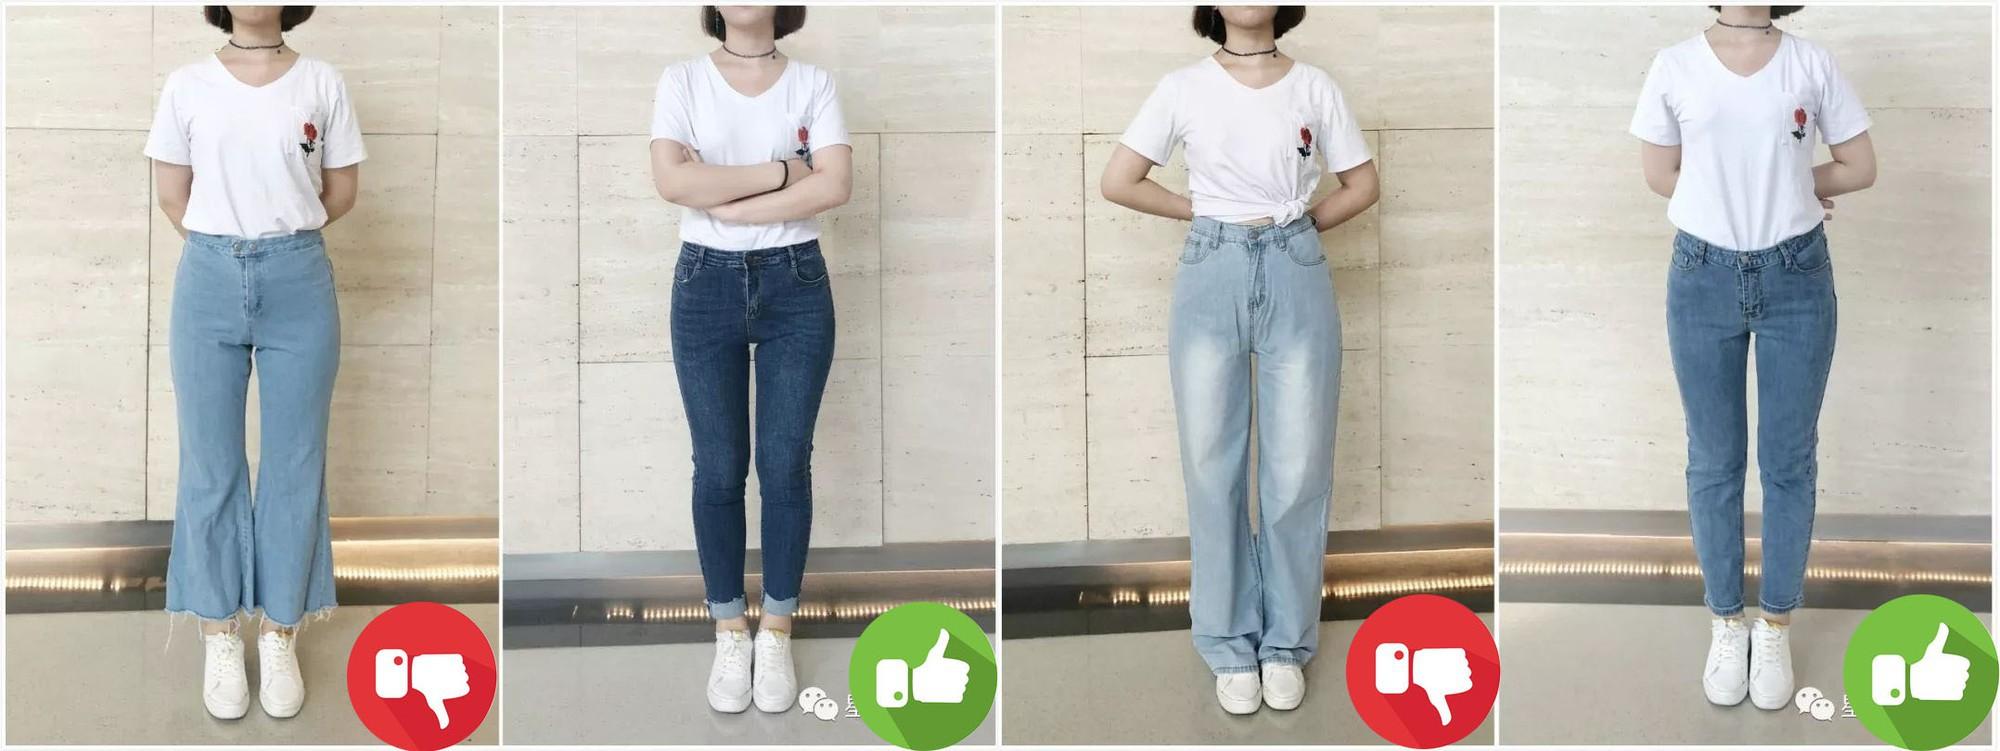 Đại diện các chị em mặc thử 8 loại quần jeans phổ biến, cô nàng này đã tìm ra loại tôn chân nịnh dáng nhất - Ảnh 9.